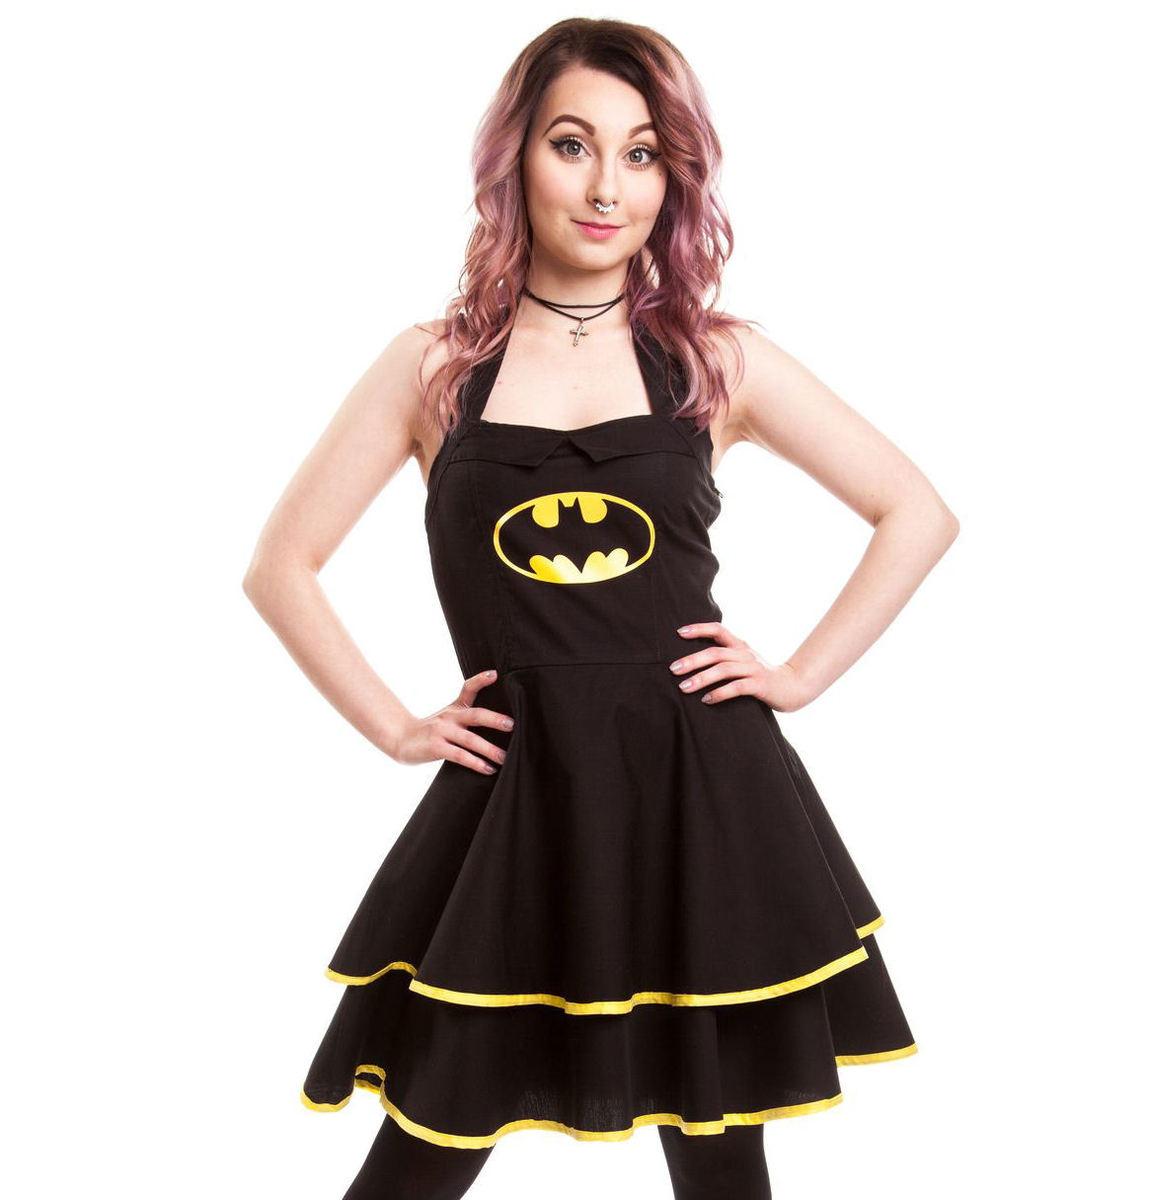 šaty dámské POIZEN INDUSTRIES - Batman Cape - Black - POI093 M